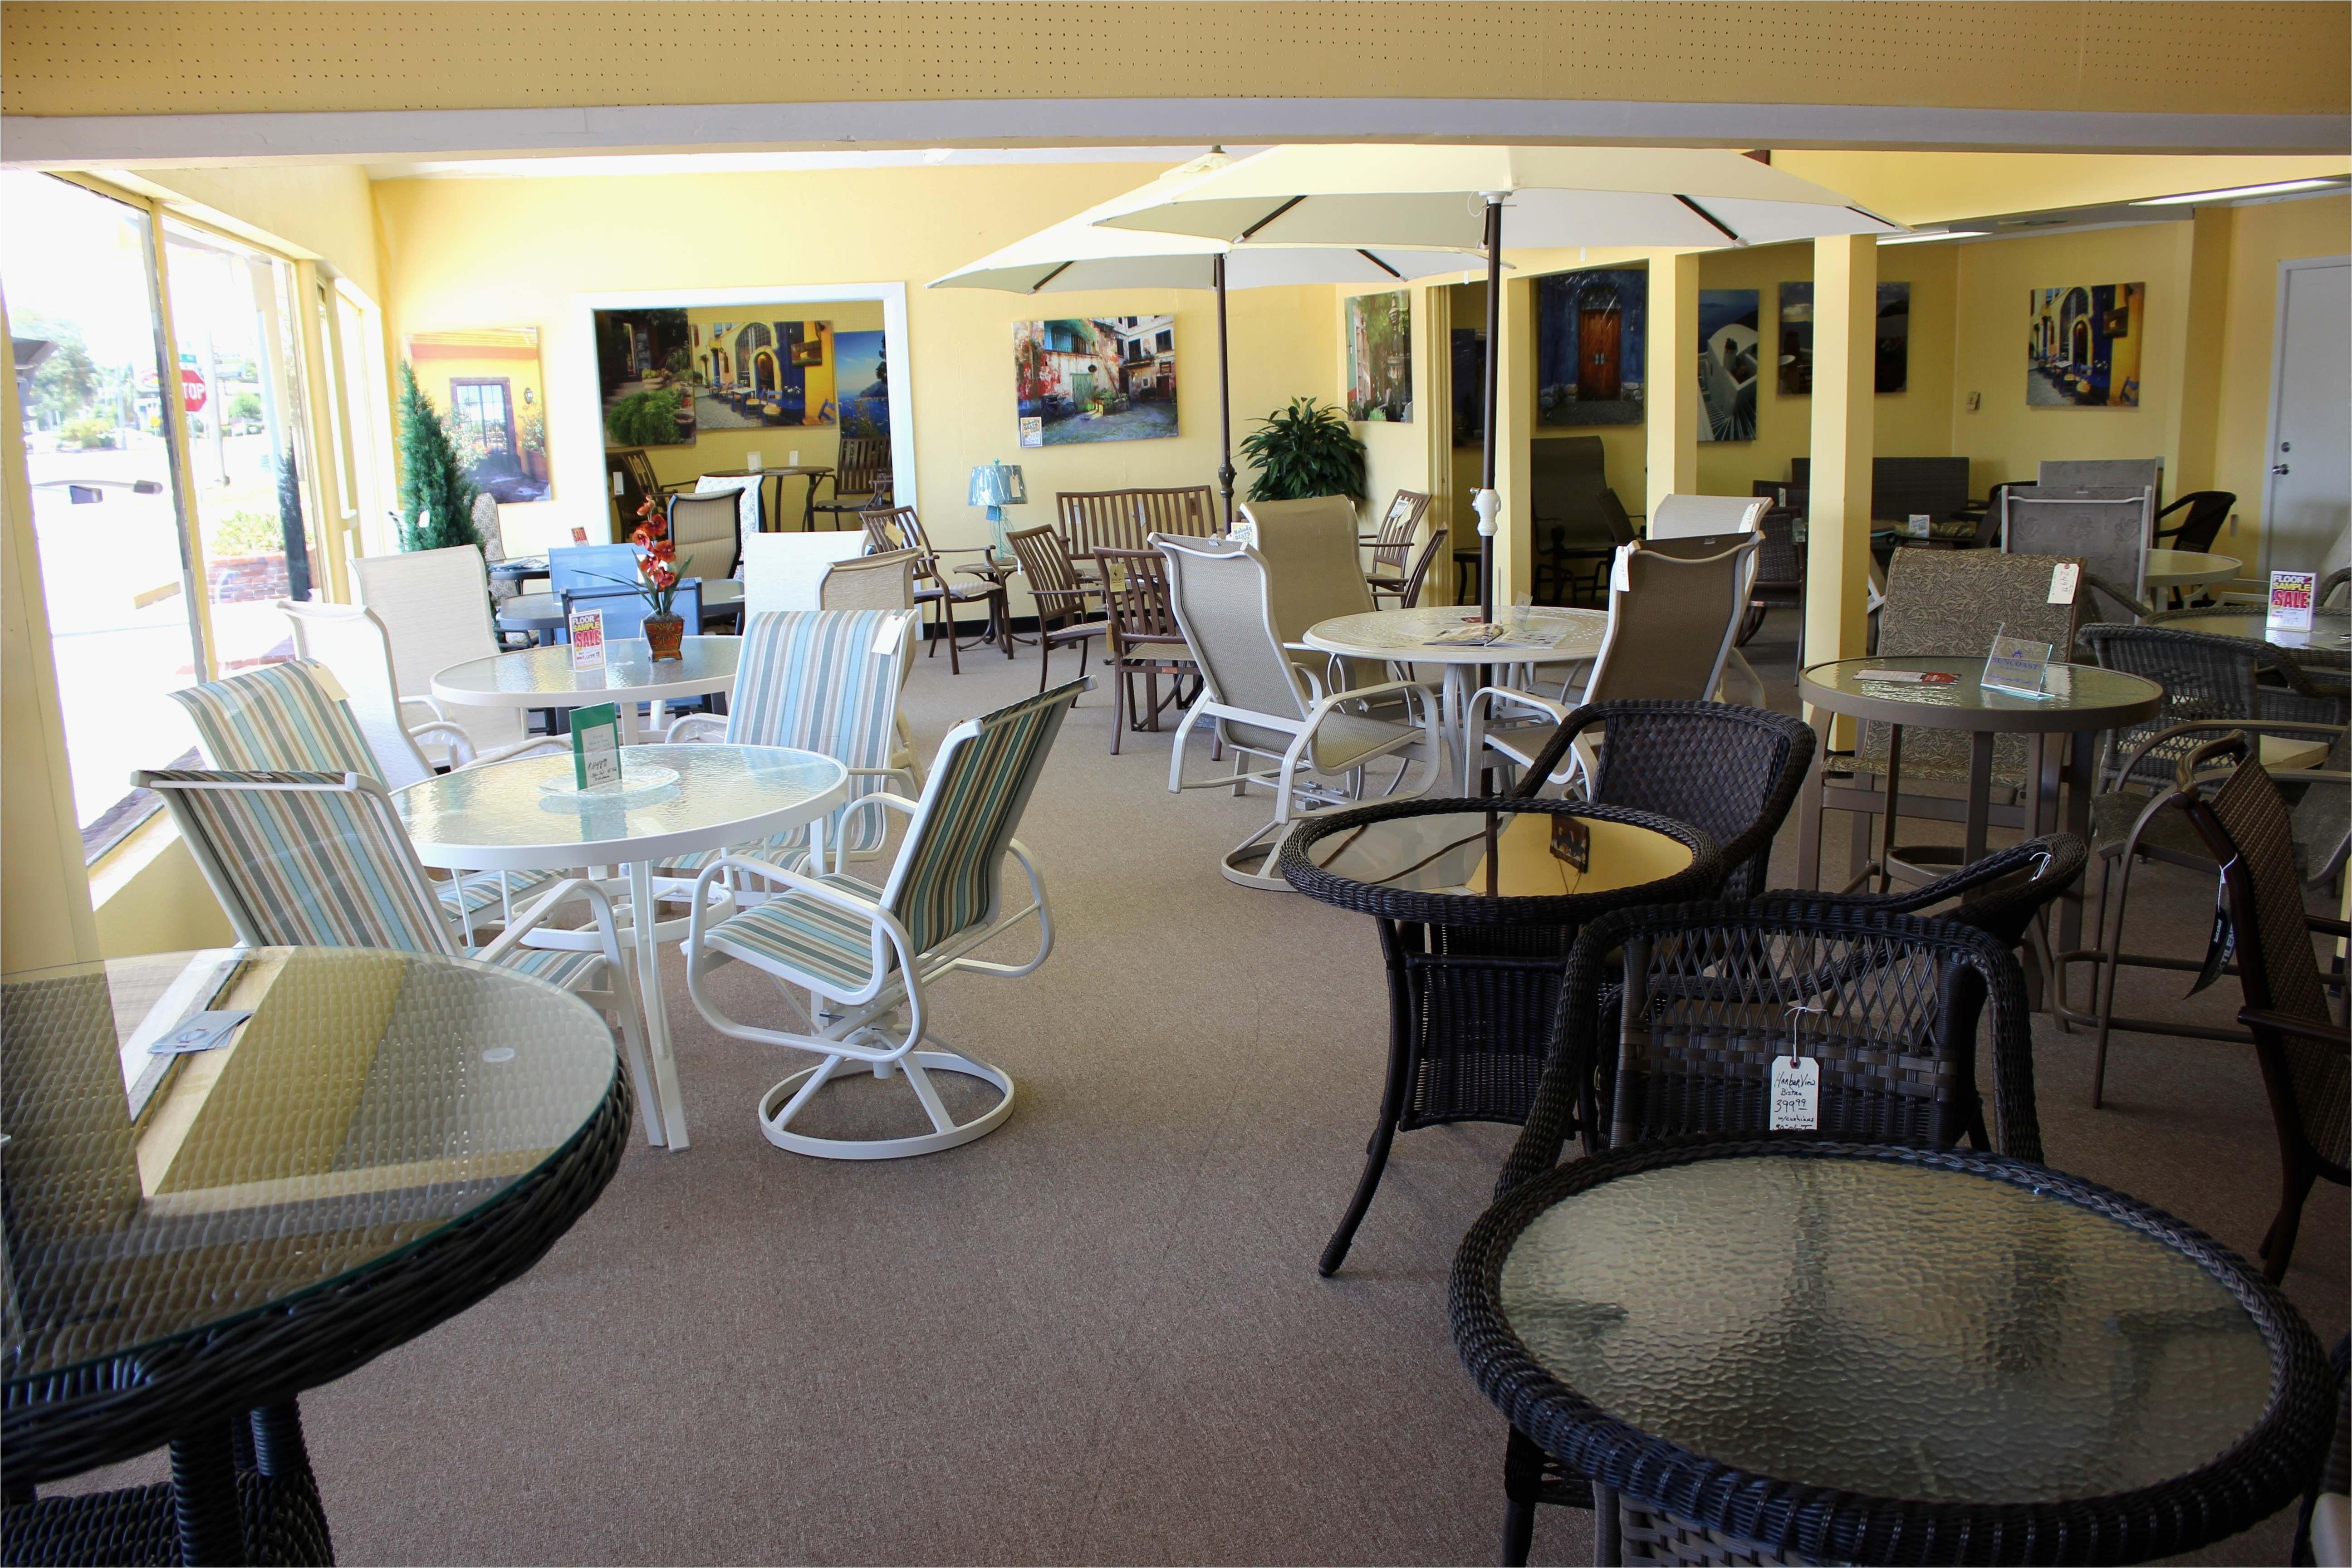 craigslist nj furniture for sale by owner inspirational 28 craigslist bedroom furniture for sale lovely 50